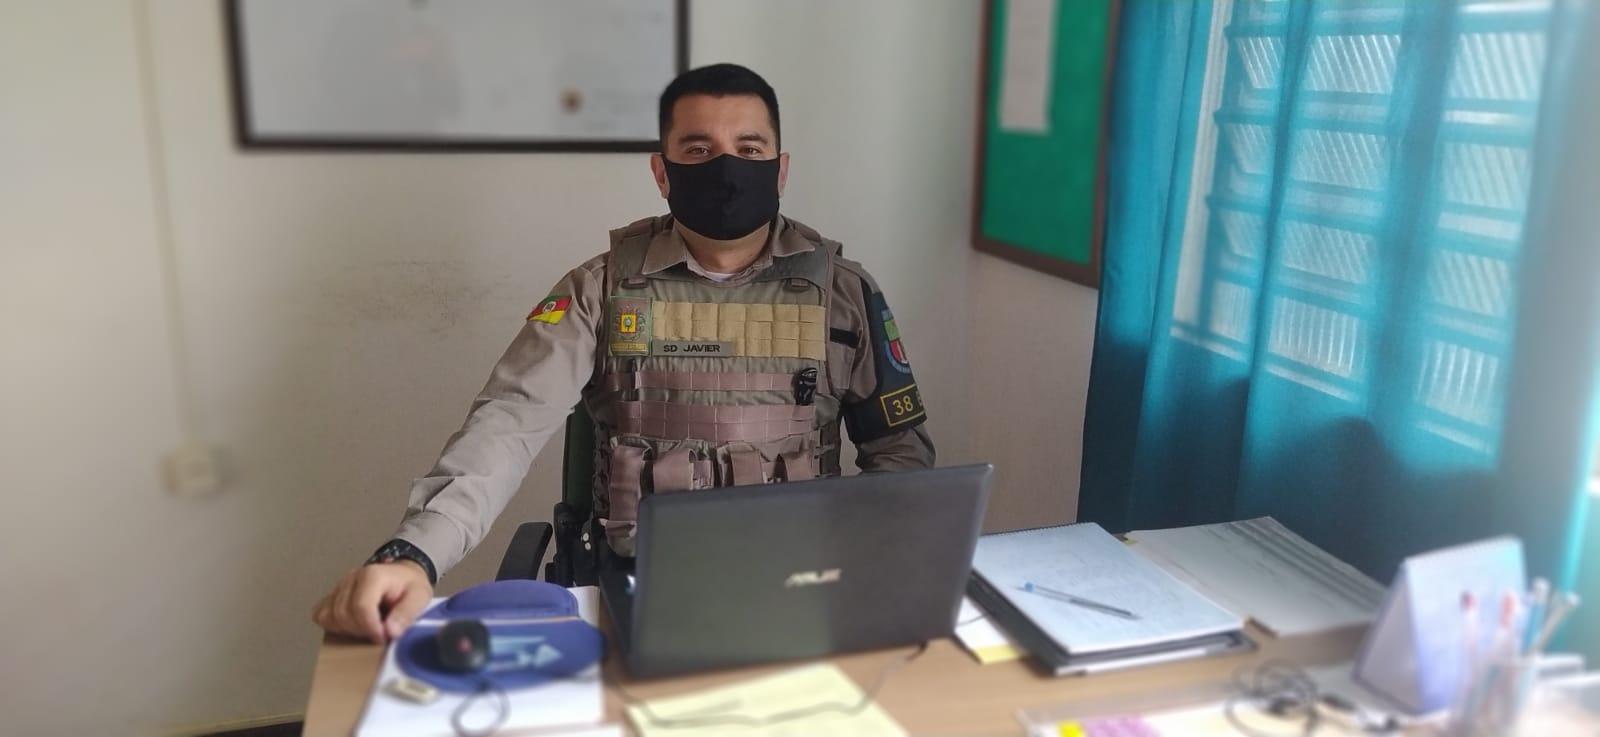 Comandante da Brigada Militar de Campos Borges destaca ações no município